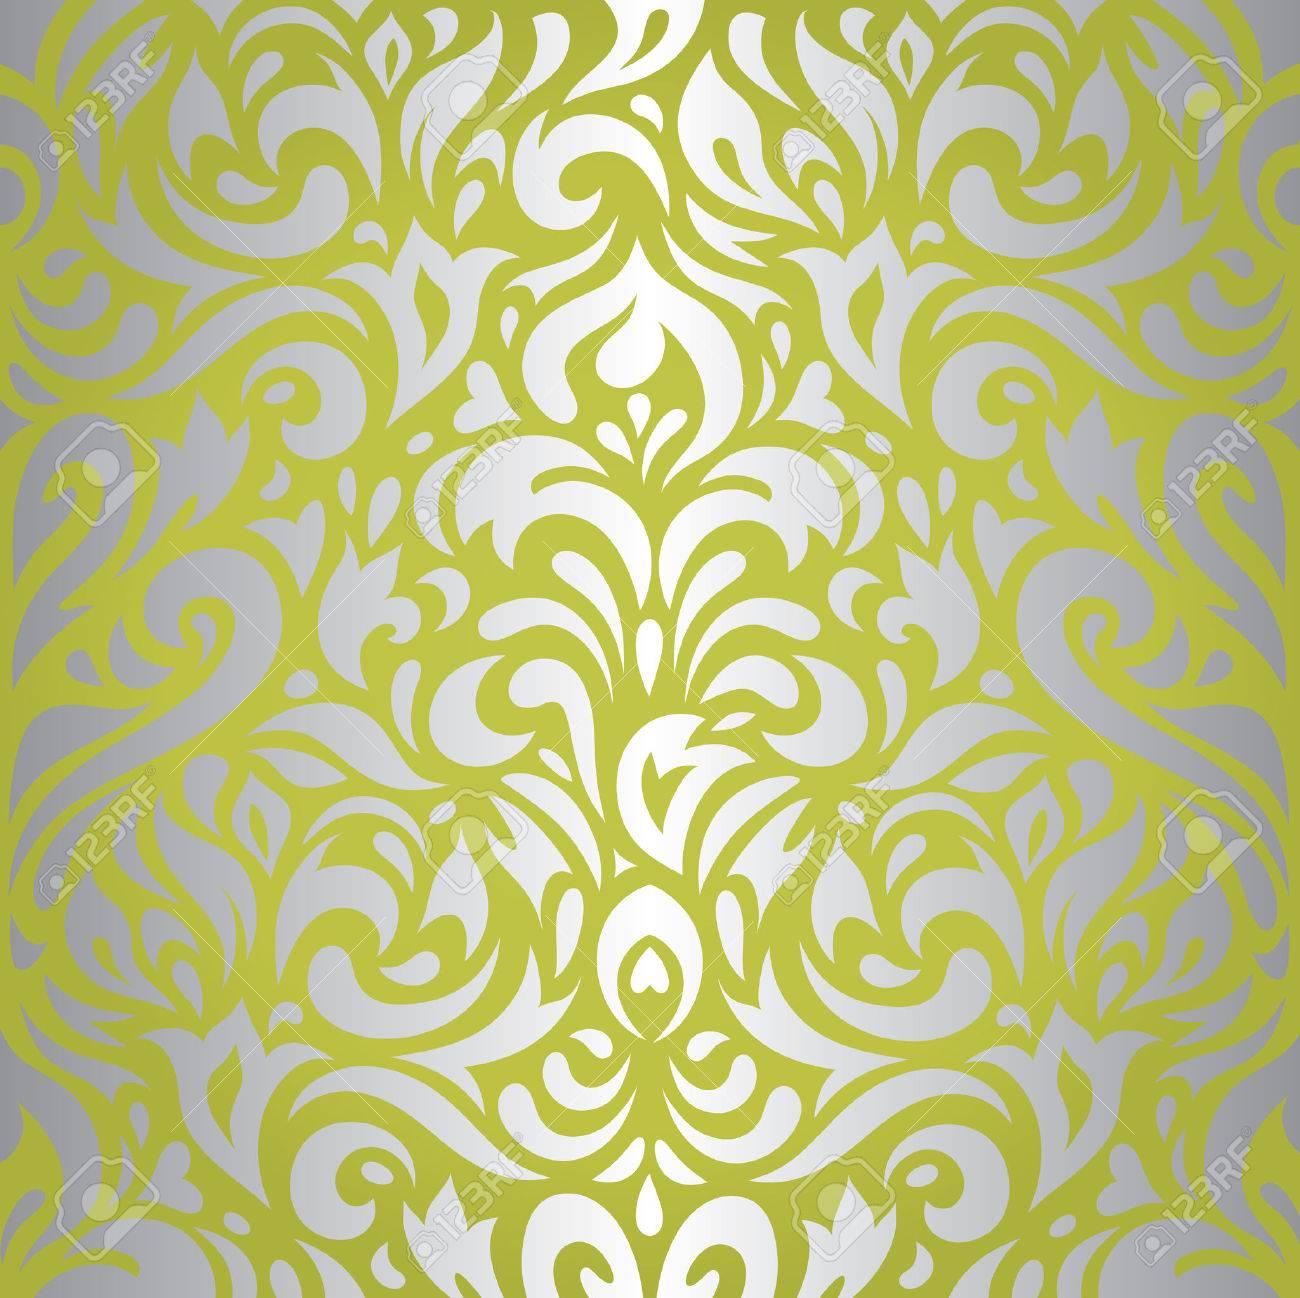 Floral Grun Silber Retro Tapeten Design Hintergrund Lizenzfrei